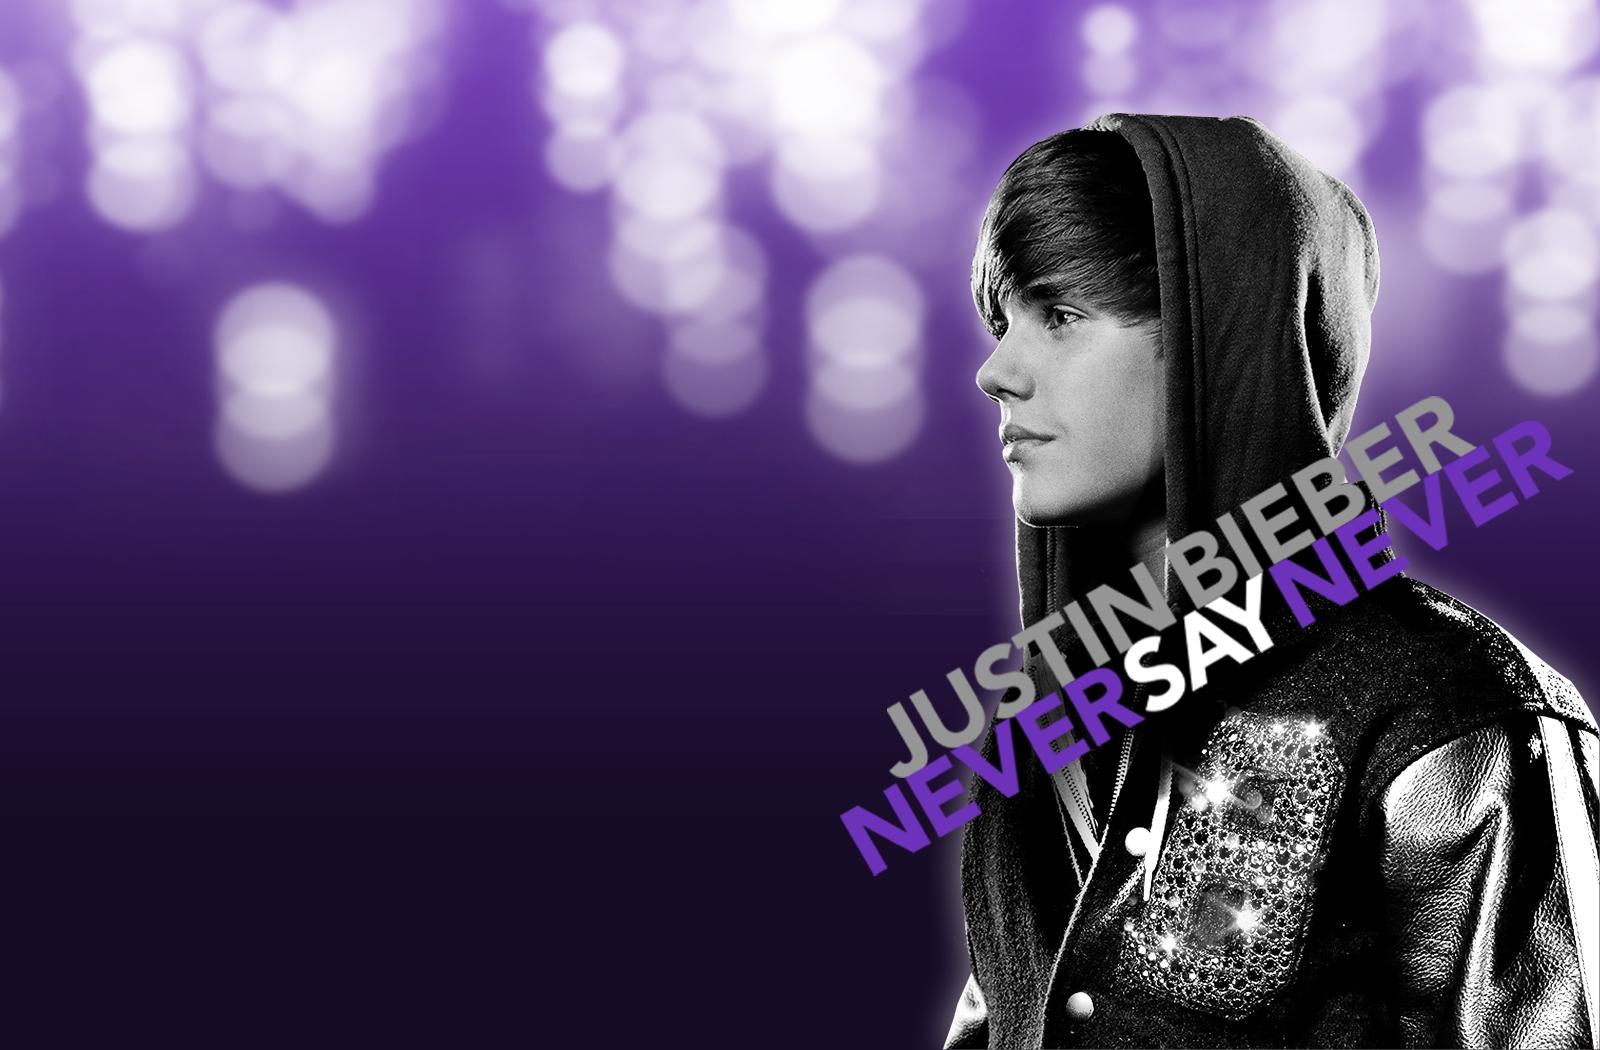 Justin Bieber Bakgrund And Bakgrund